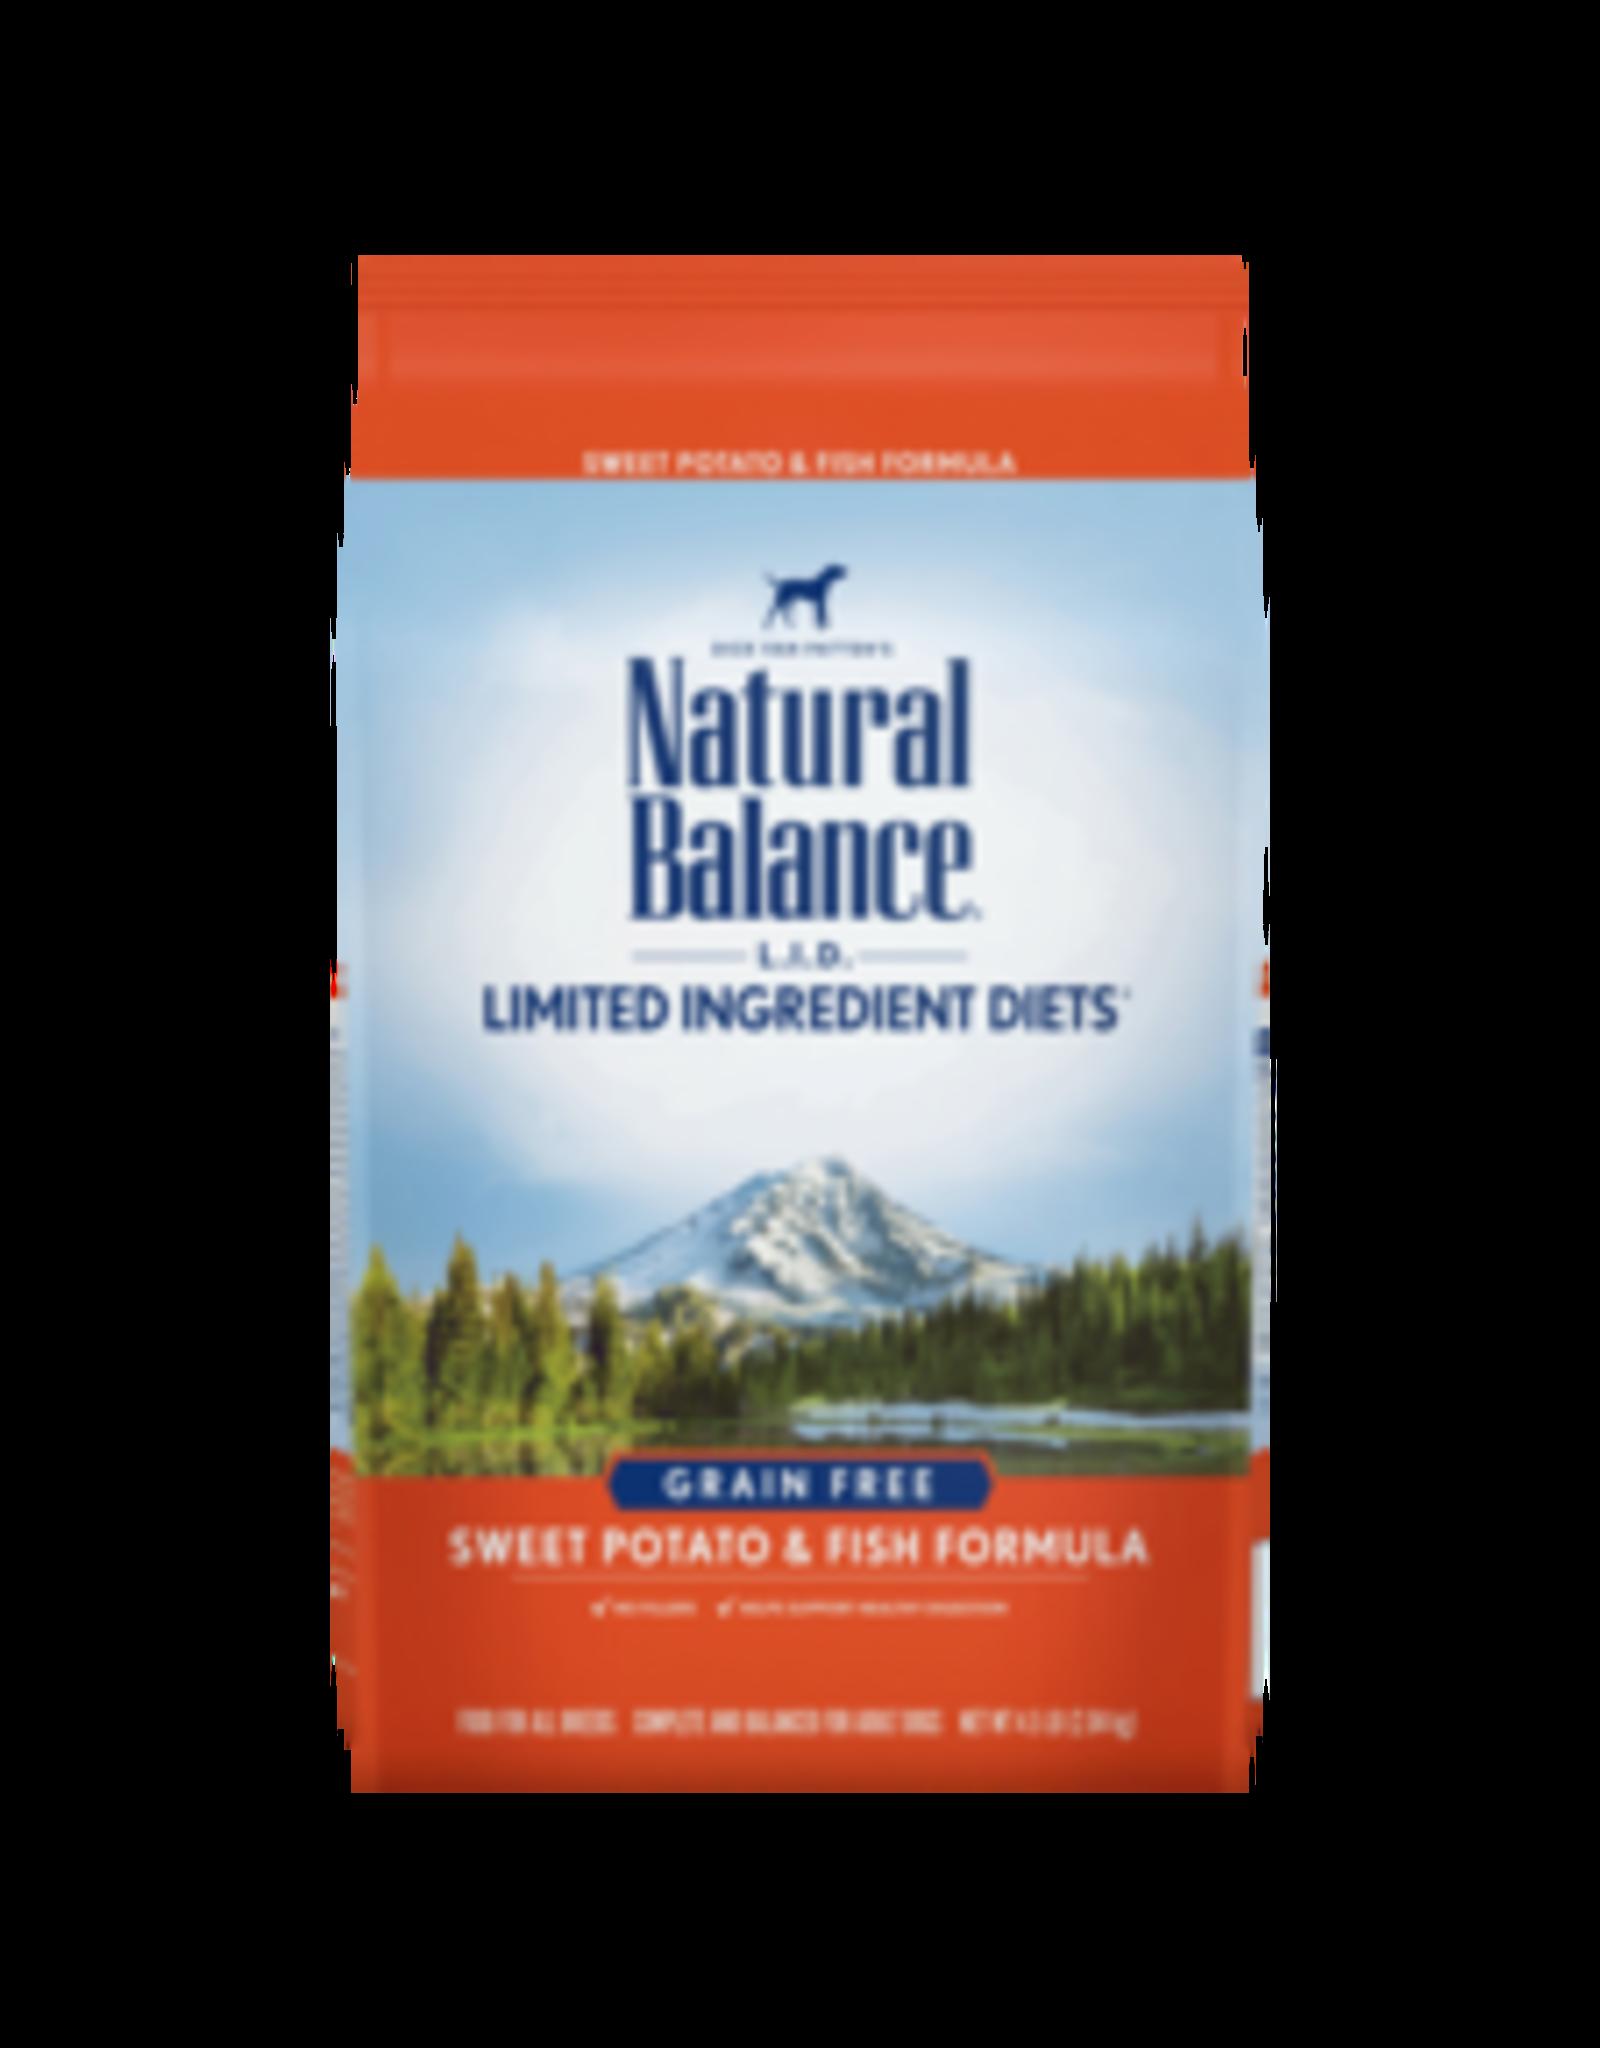 Natural Balance Natural Balance L.I.D Sweet Potato & Fish